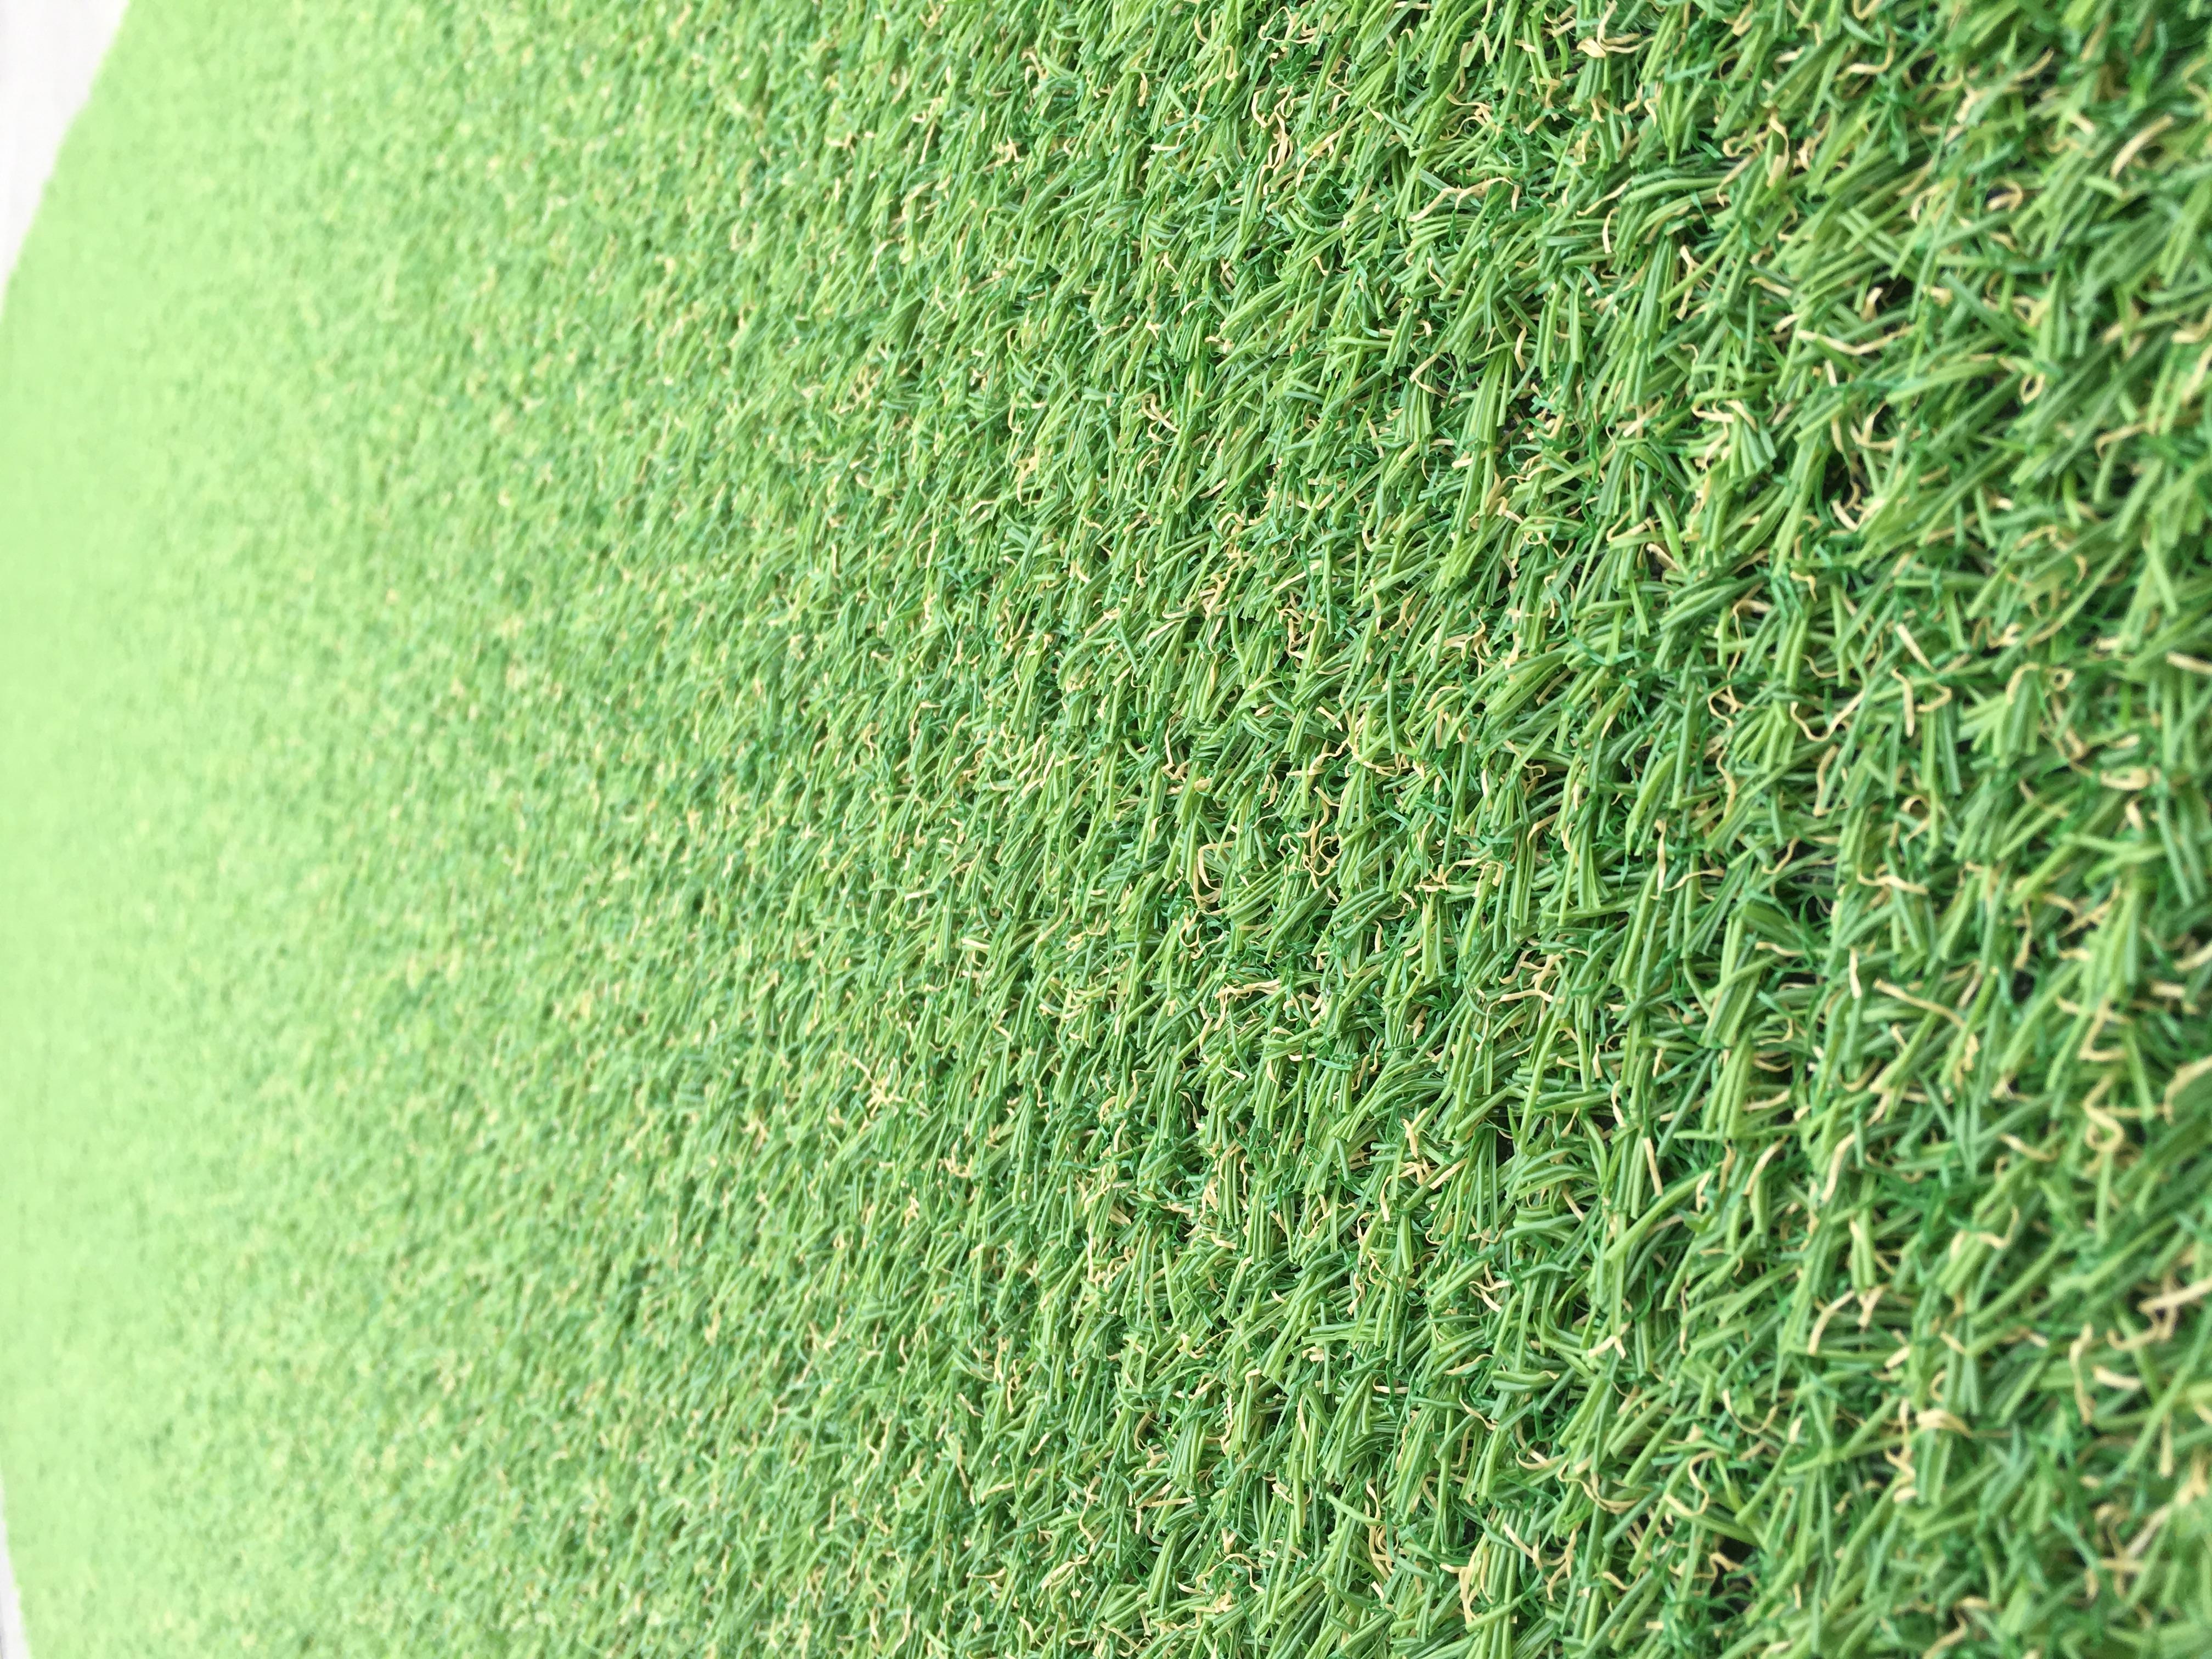 Covor Iarba Artificiala, Tip Gazon, Verde, Natura, 100% Polipropilena, 10 mm, 300x400 cm 4